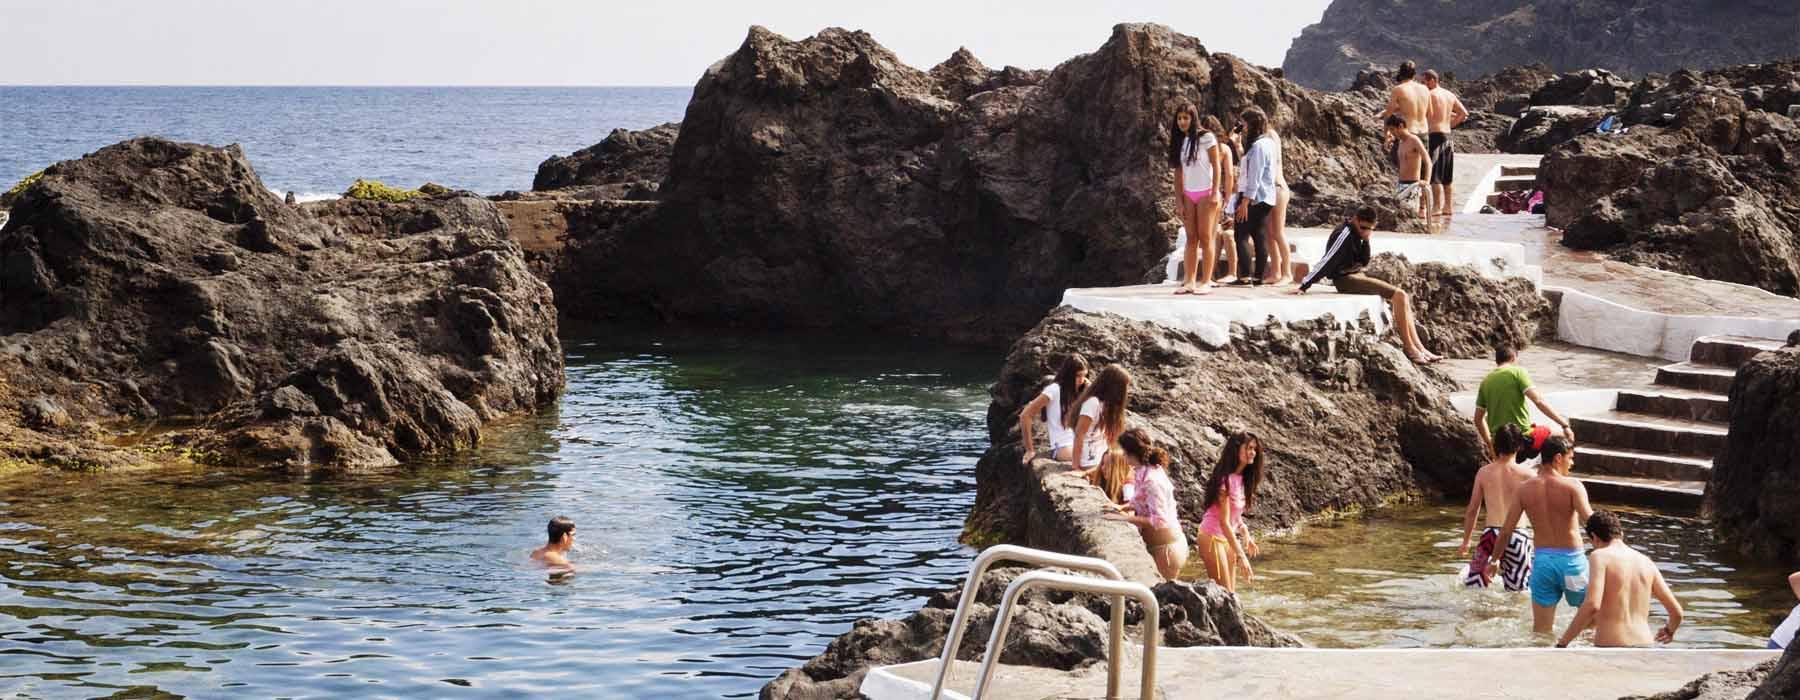 agence de voyage pour les iles canaries